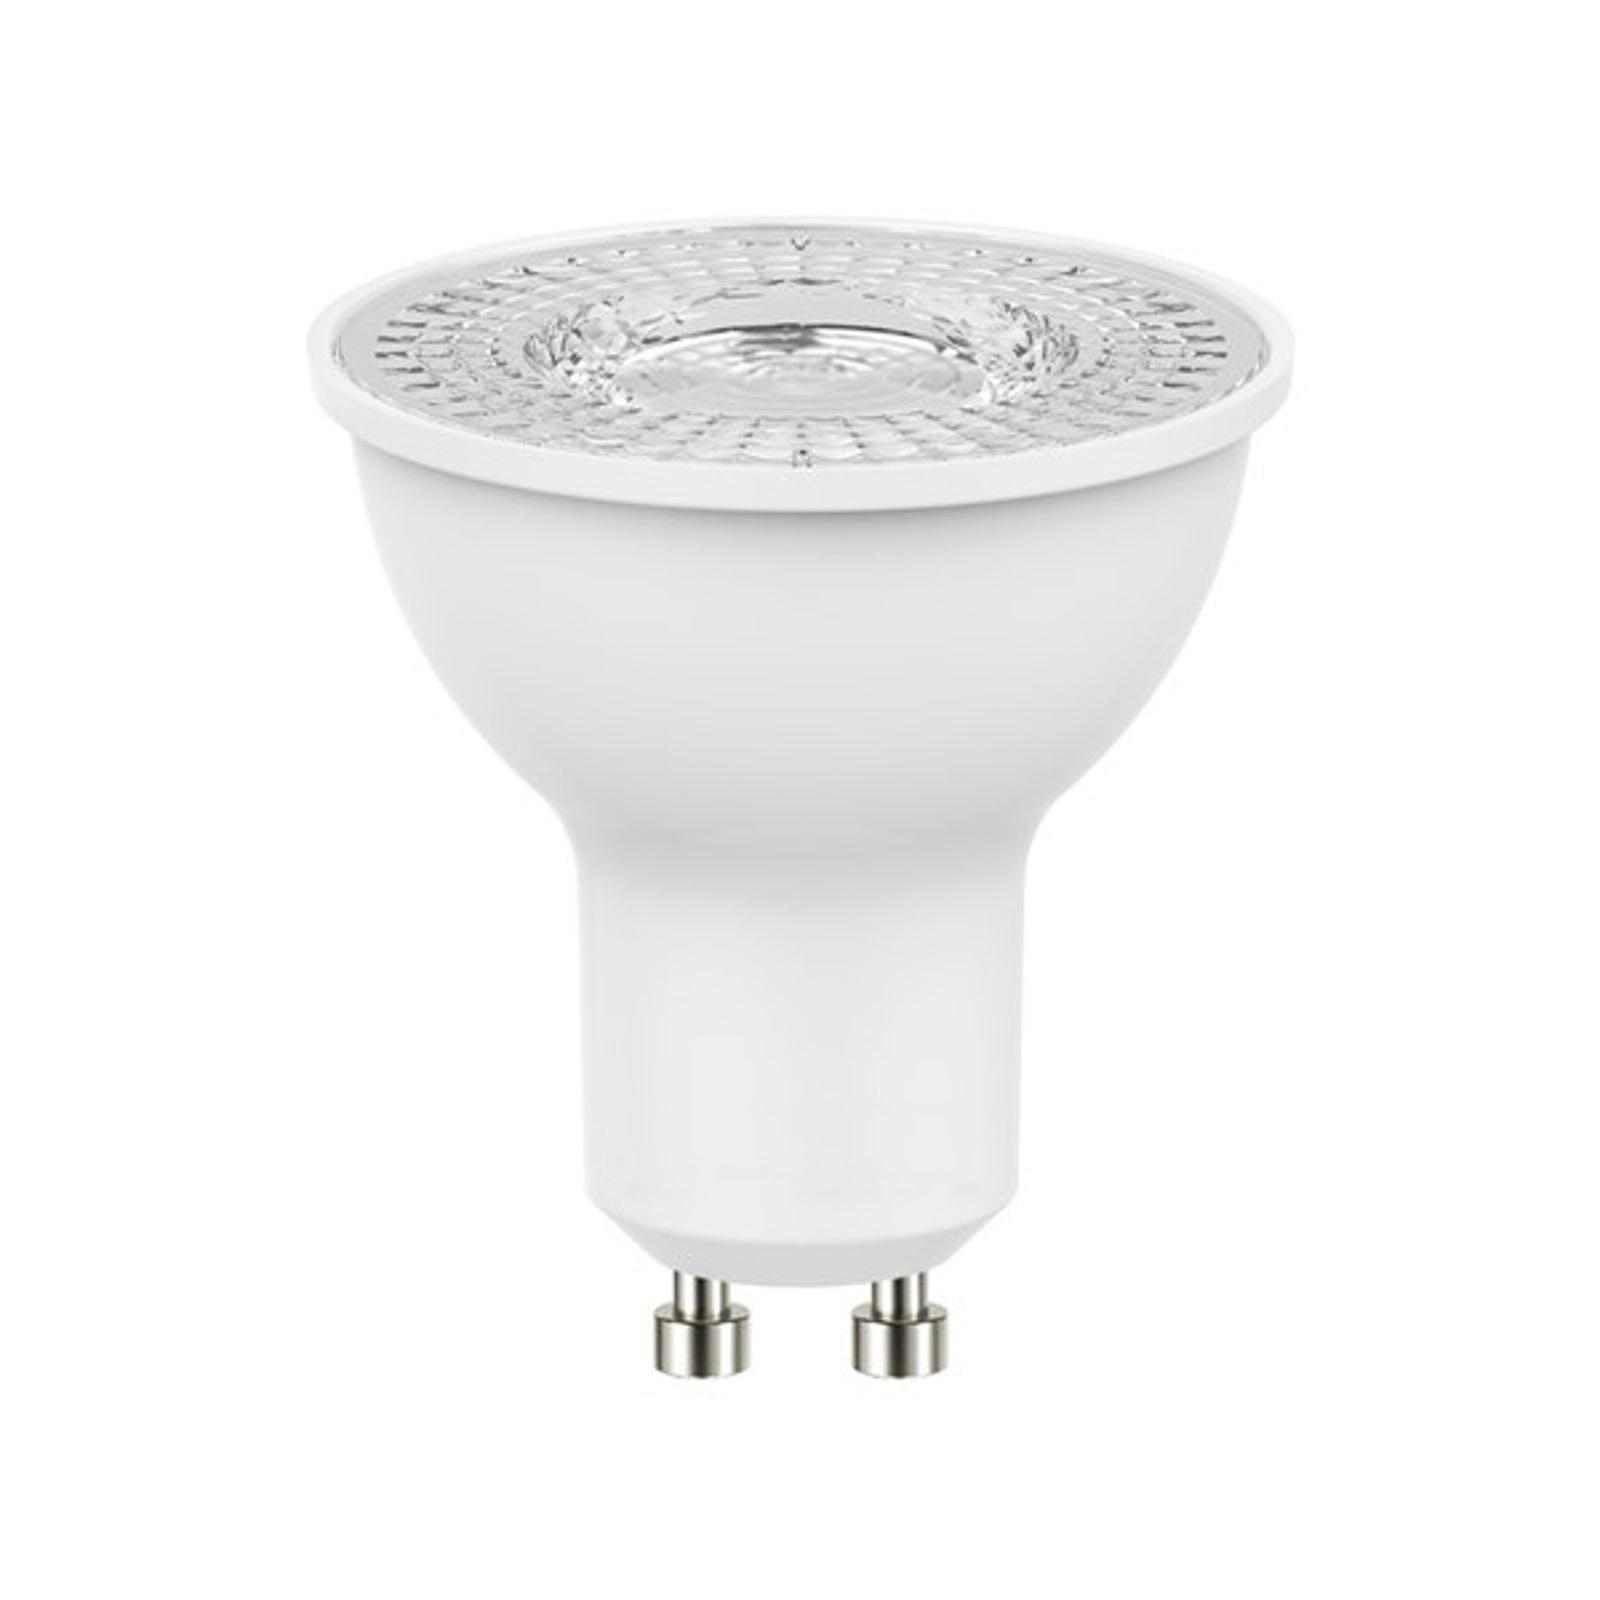 GU10 ES50 4,5W 830 LED-Reflektorlampe 110°